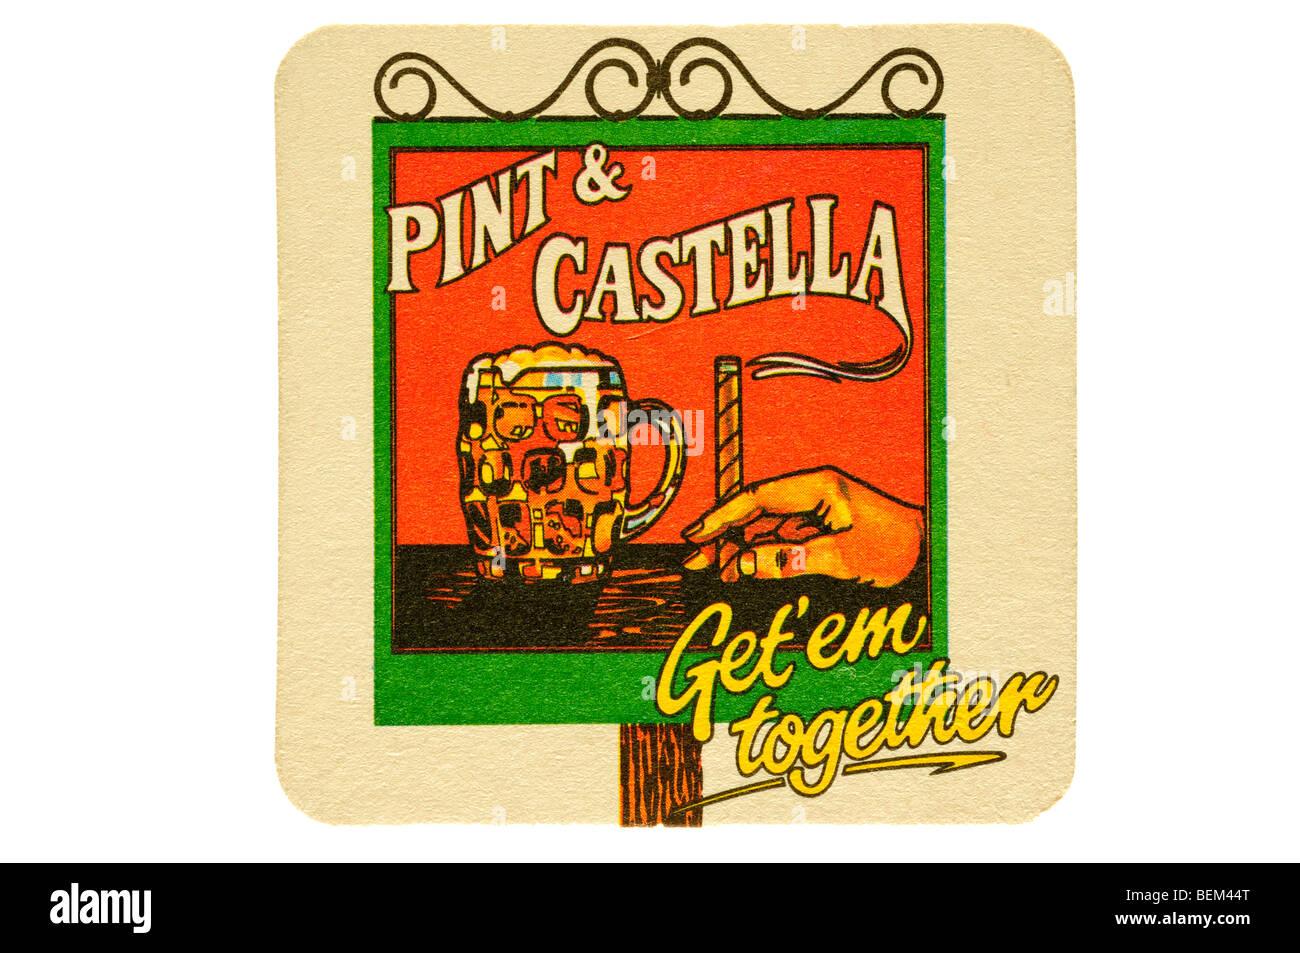 pint a castella get em together - Stock Image